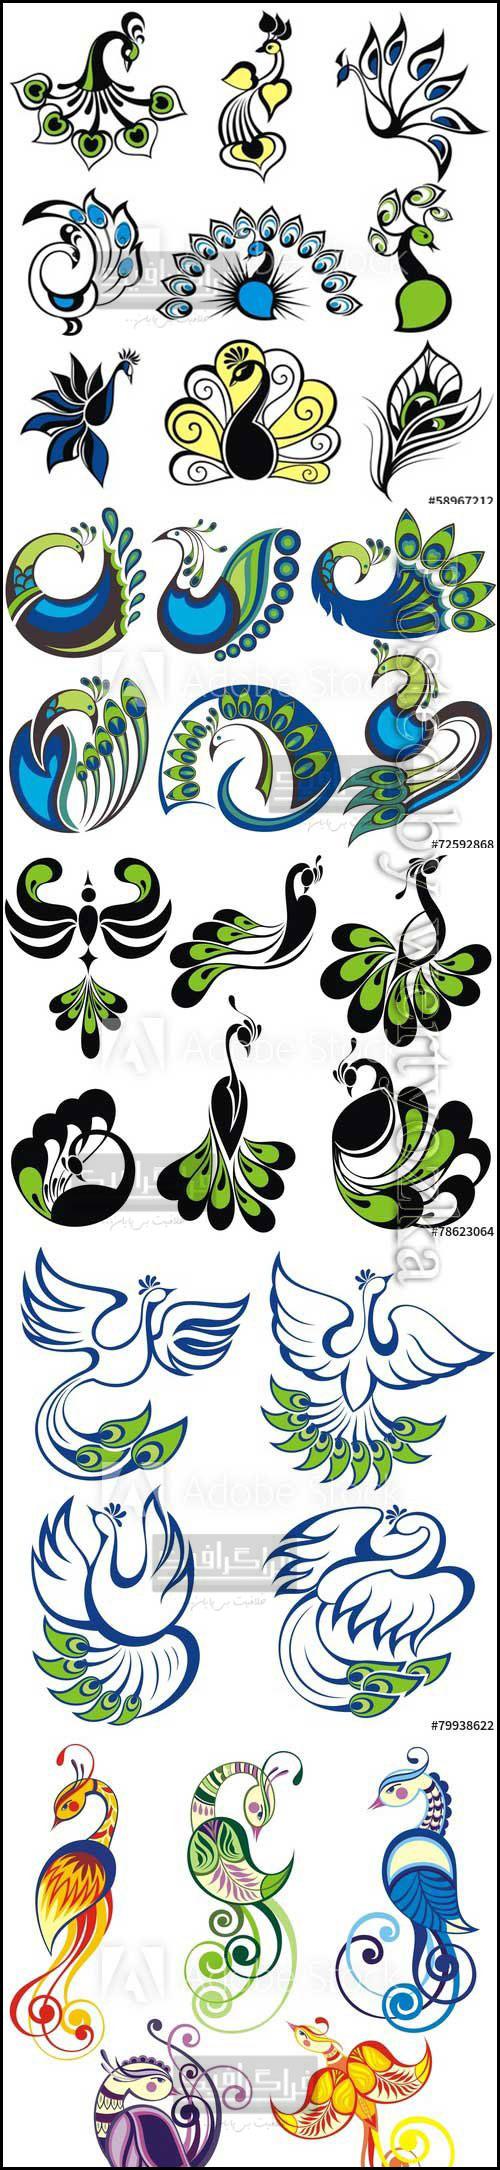 دانلود وکتور های نماد پرنده طاووس